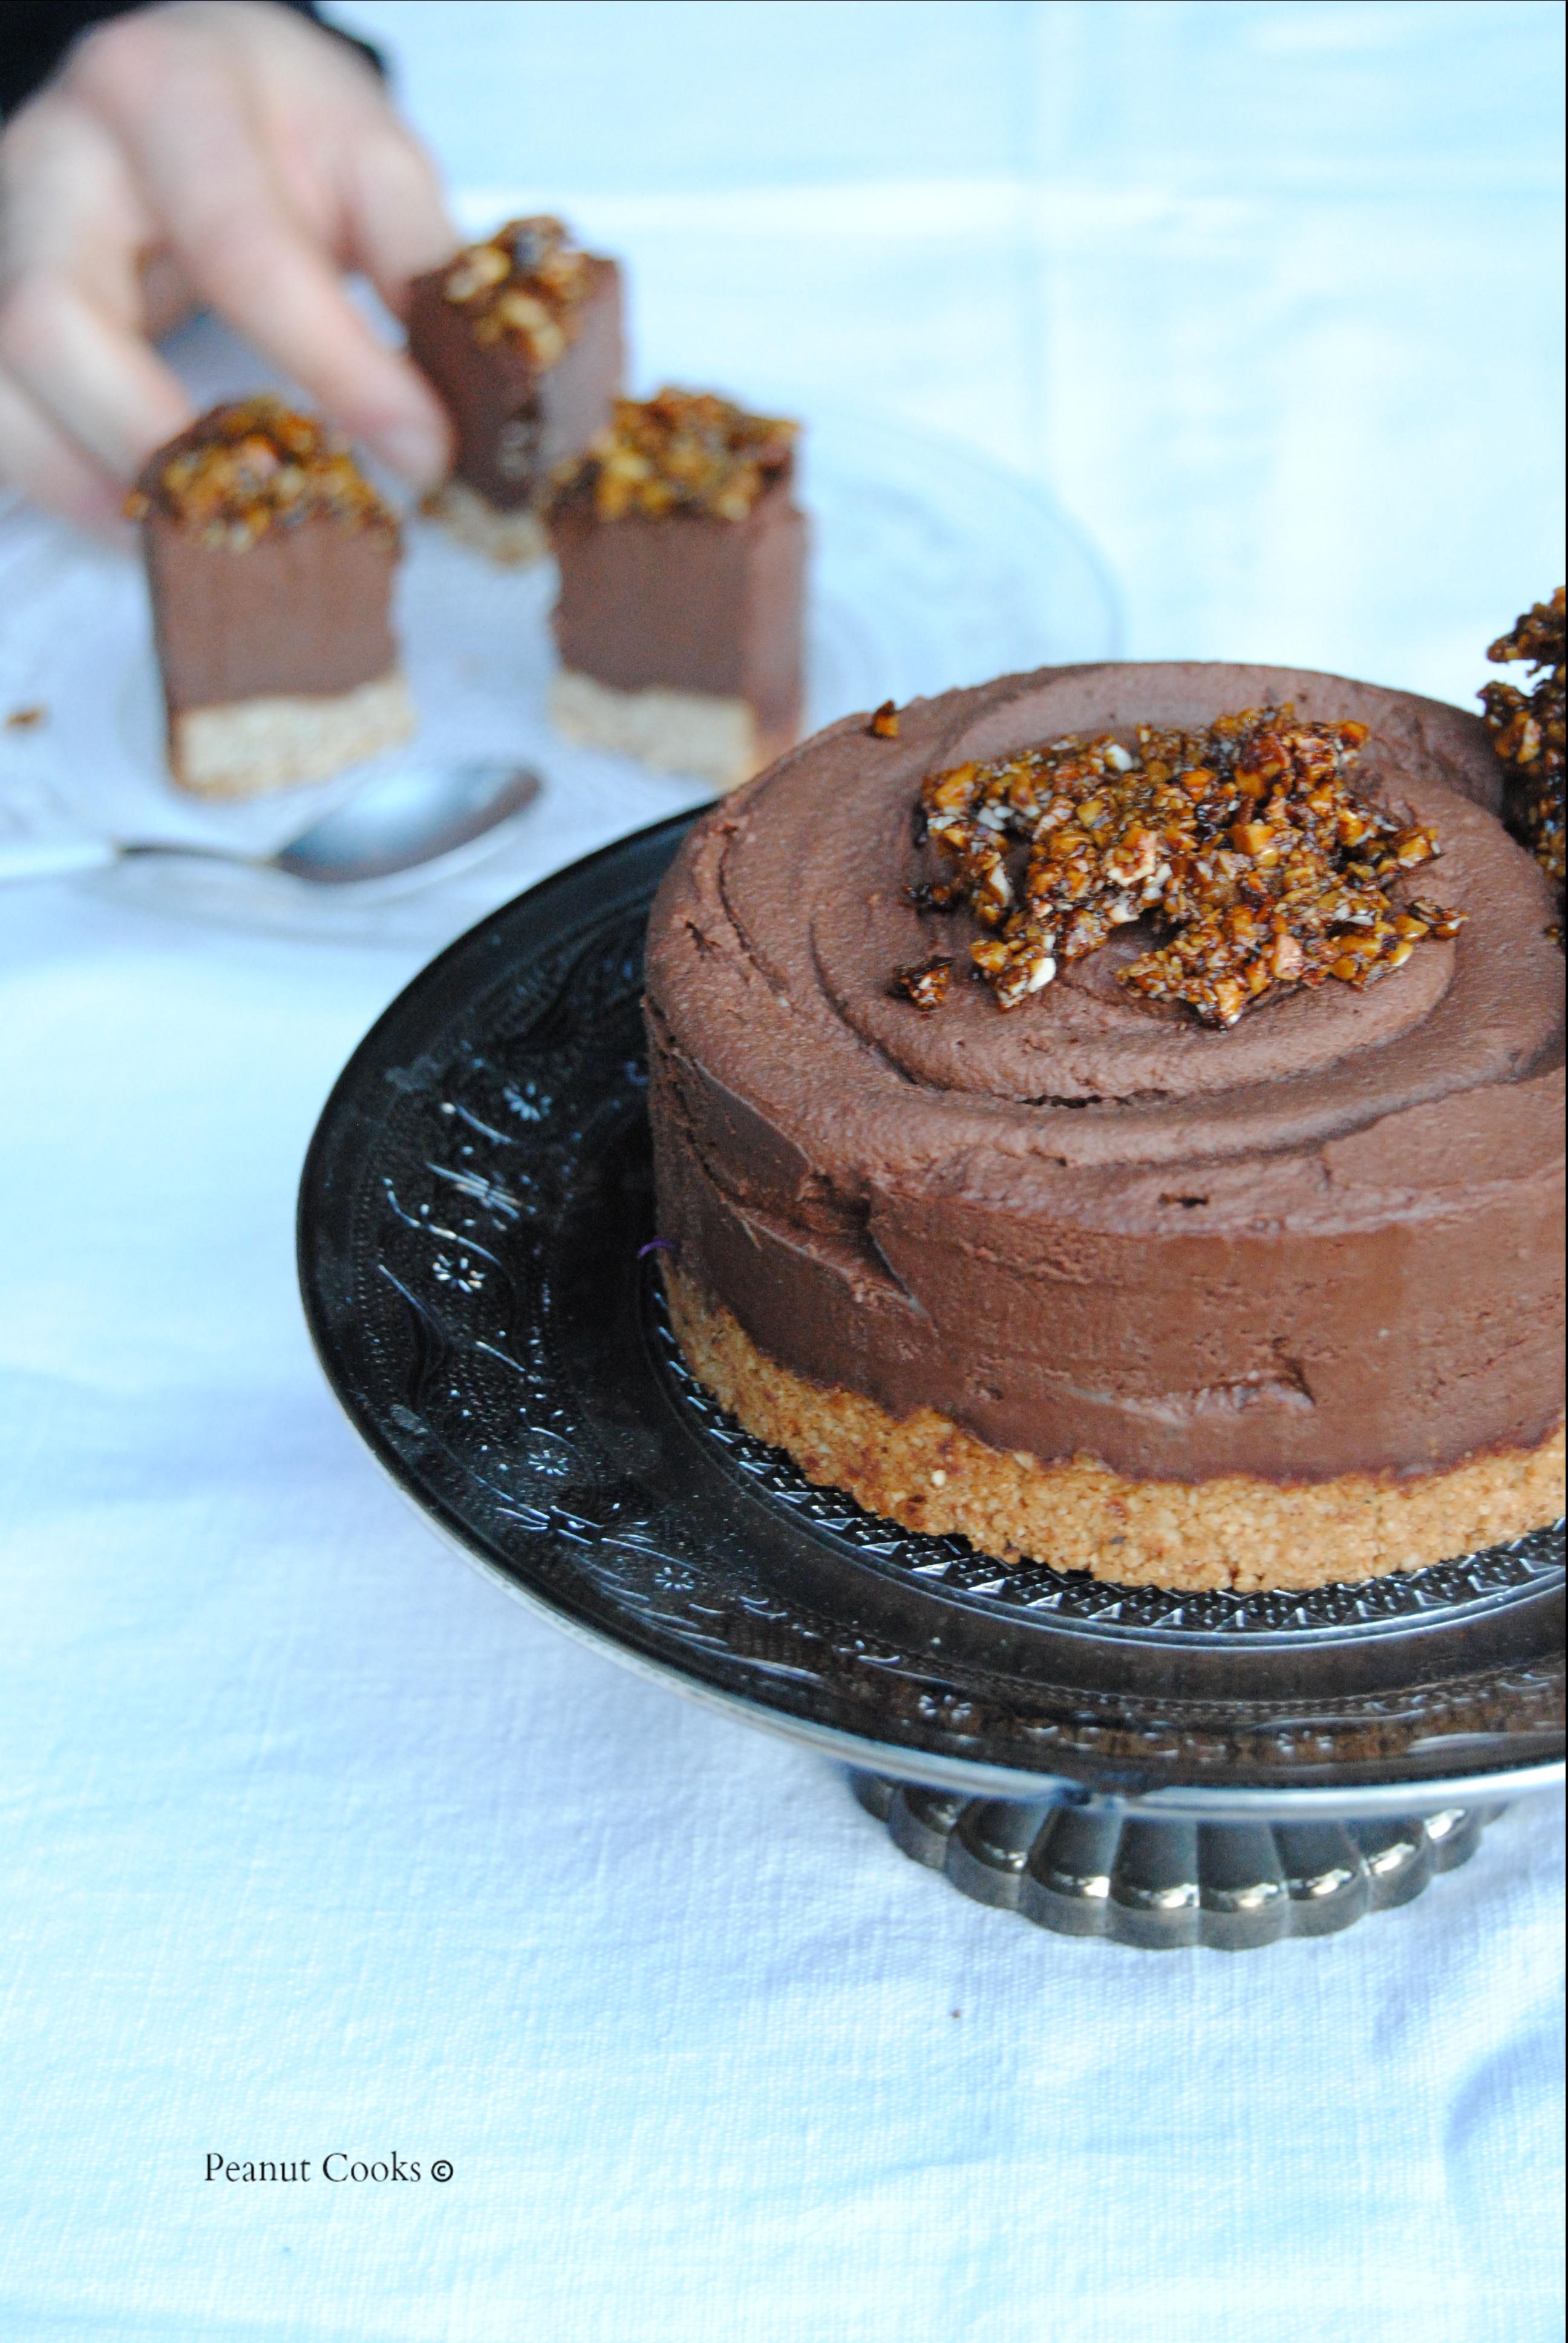 Torta semifreddo con mousse al cioccolato e croccantino di nocciole